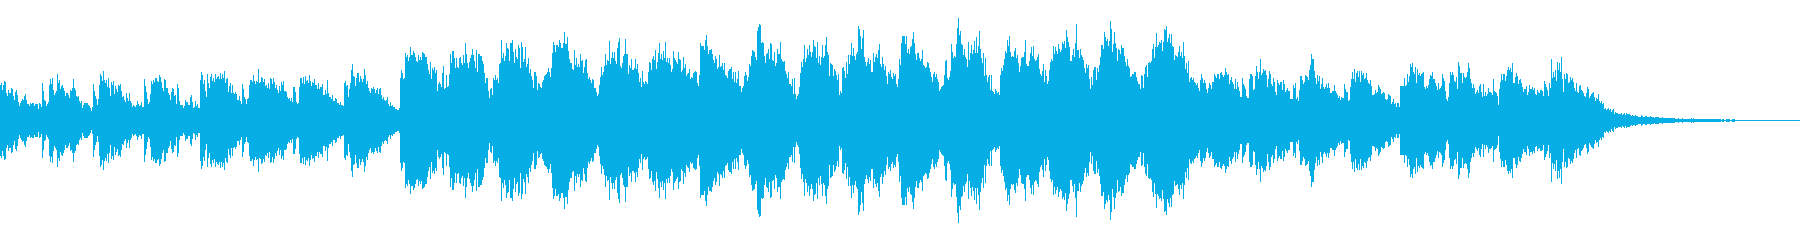 ギターとピアノ音による no.3の再生済みの波形